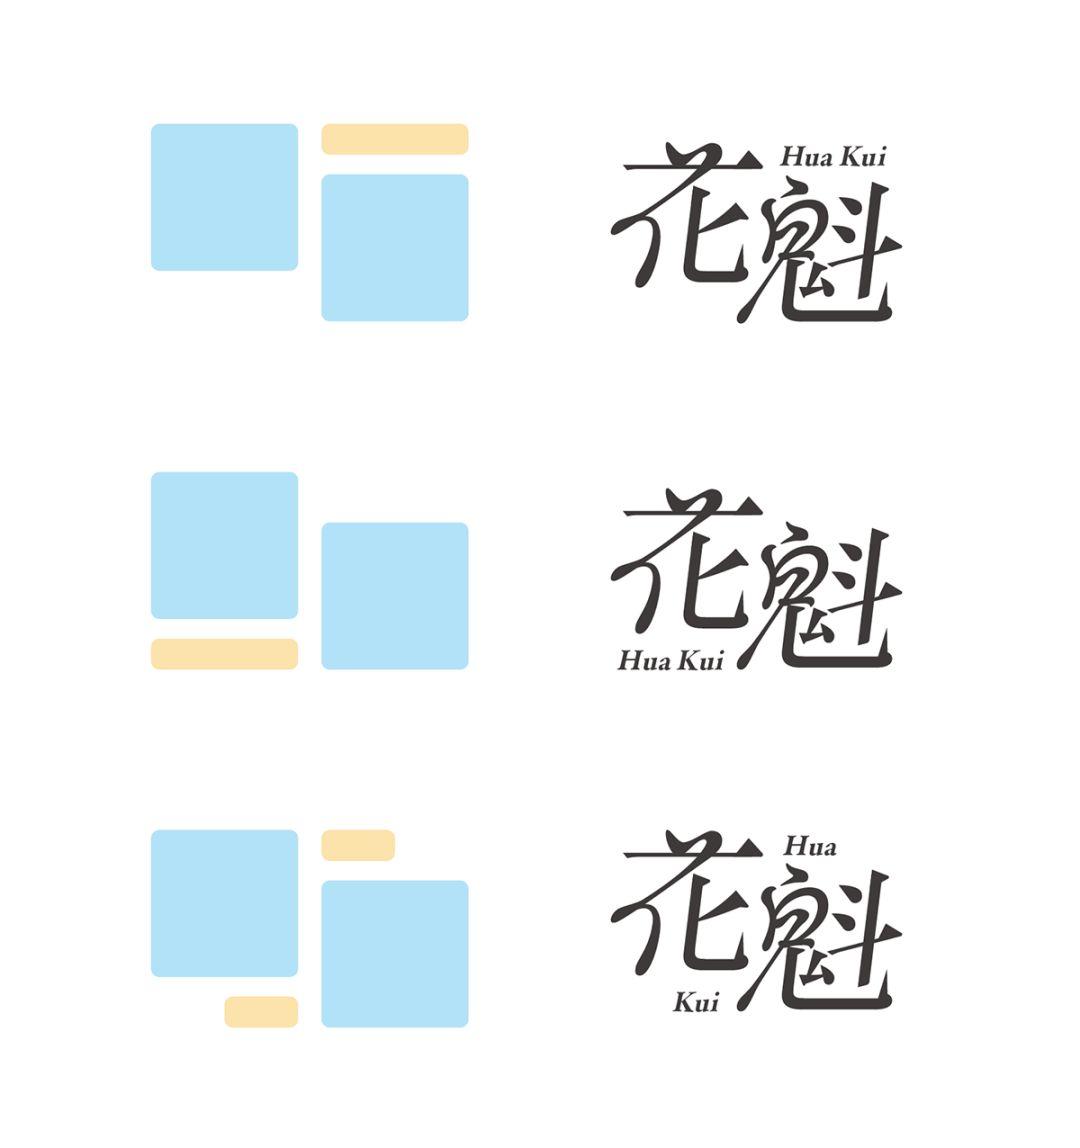 领略字体作品的别样面貌: 多样的字体编排方式